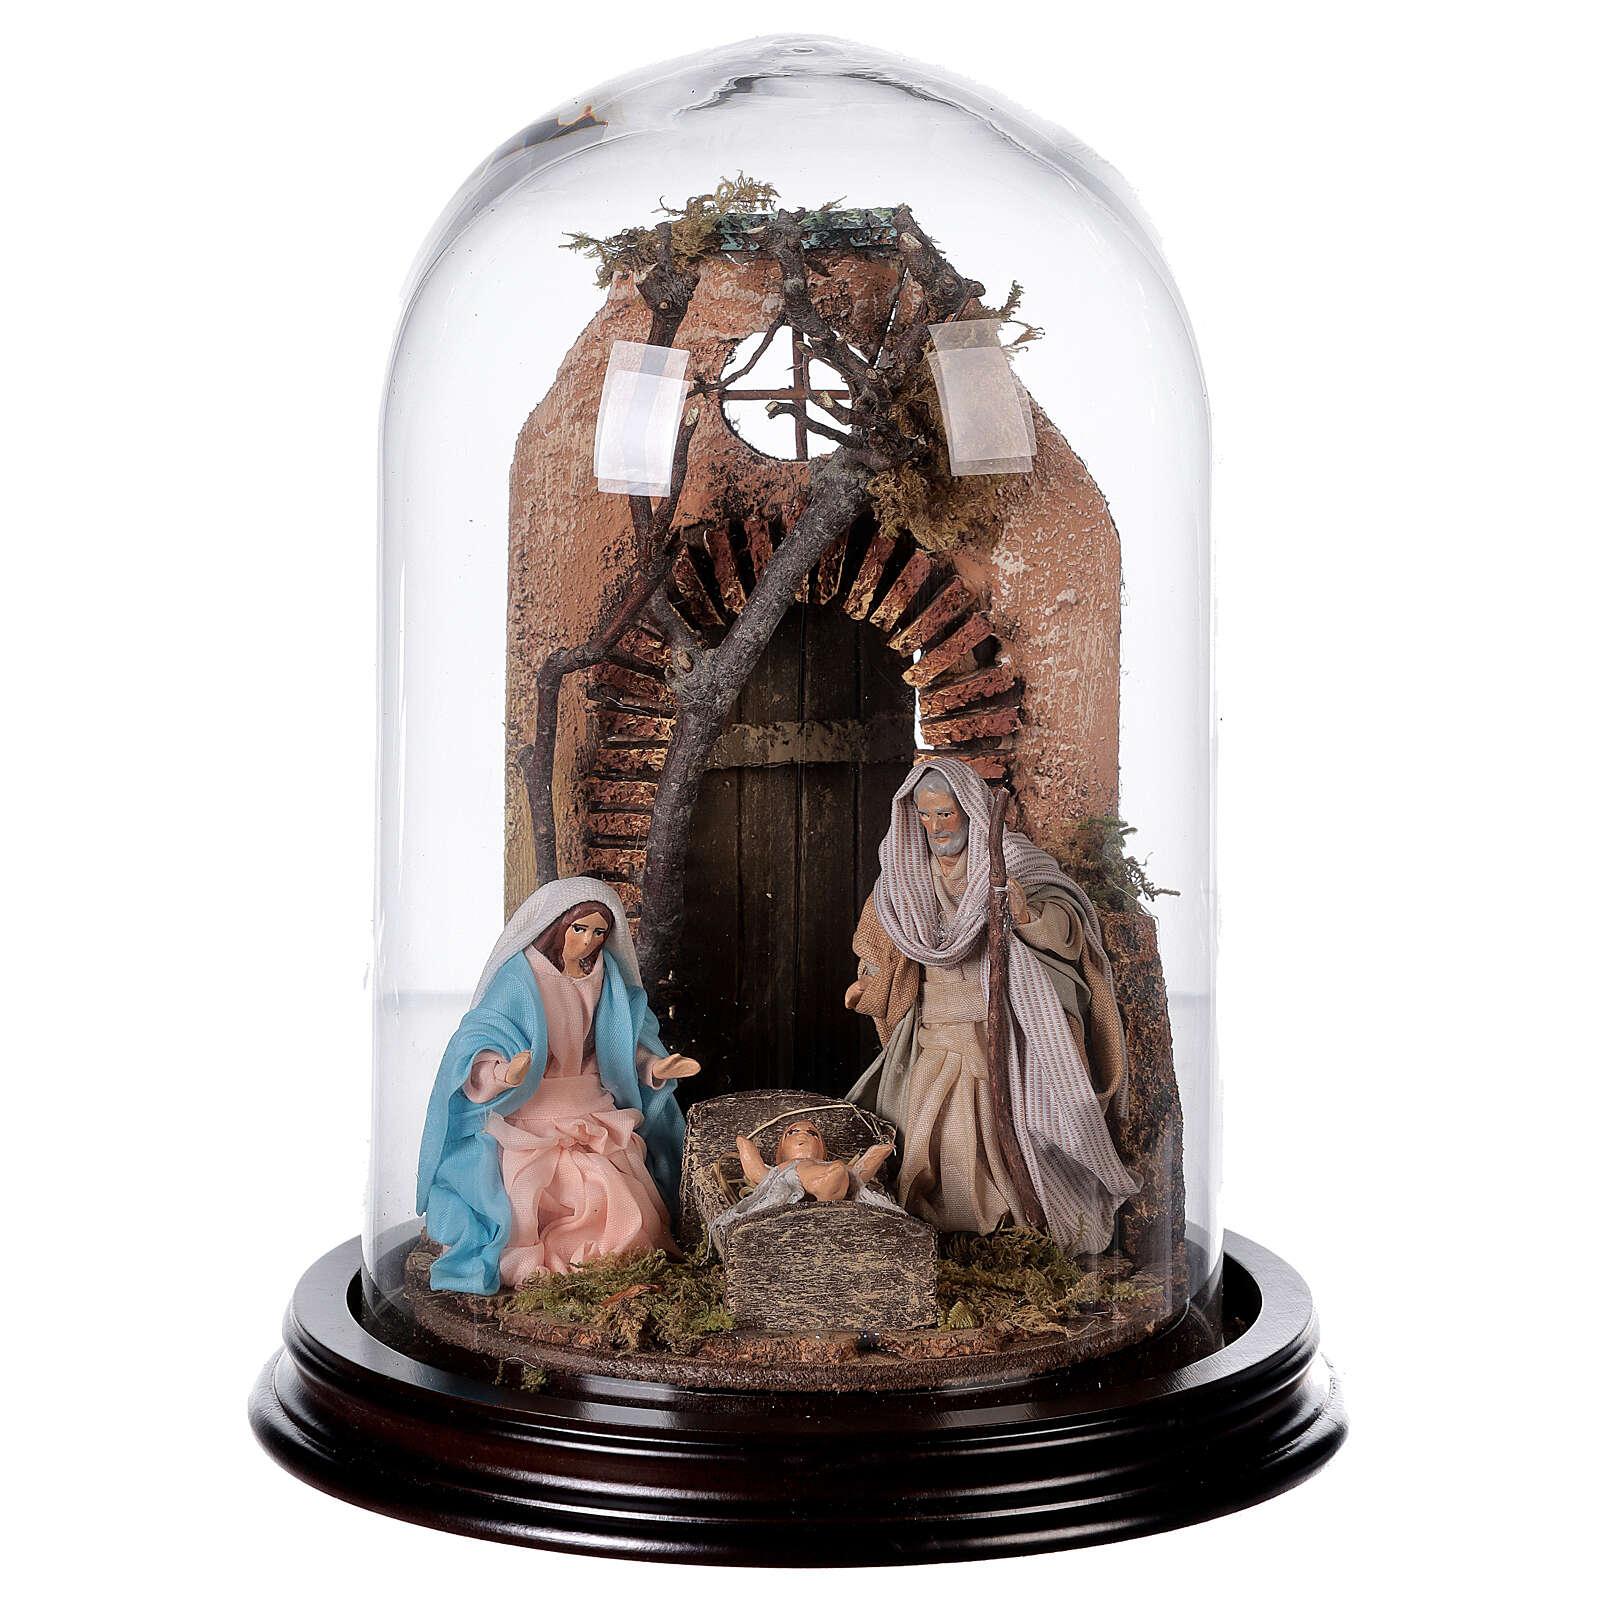 Campana di vetro con scena natività presepe napoletano 4